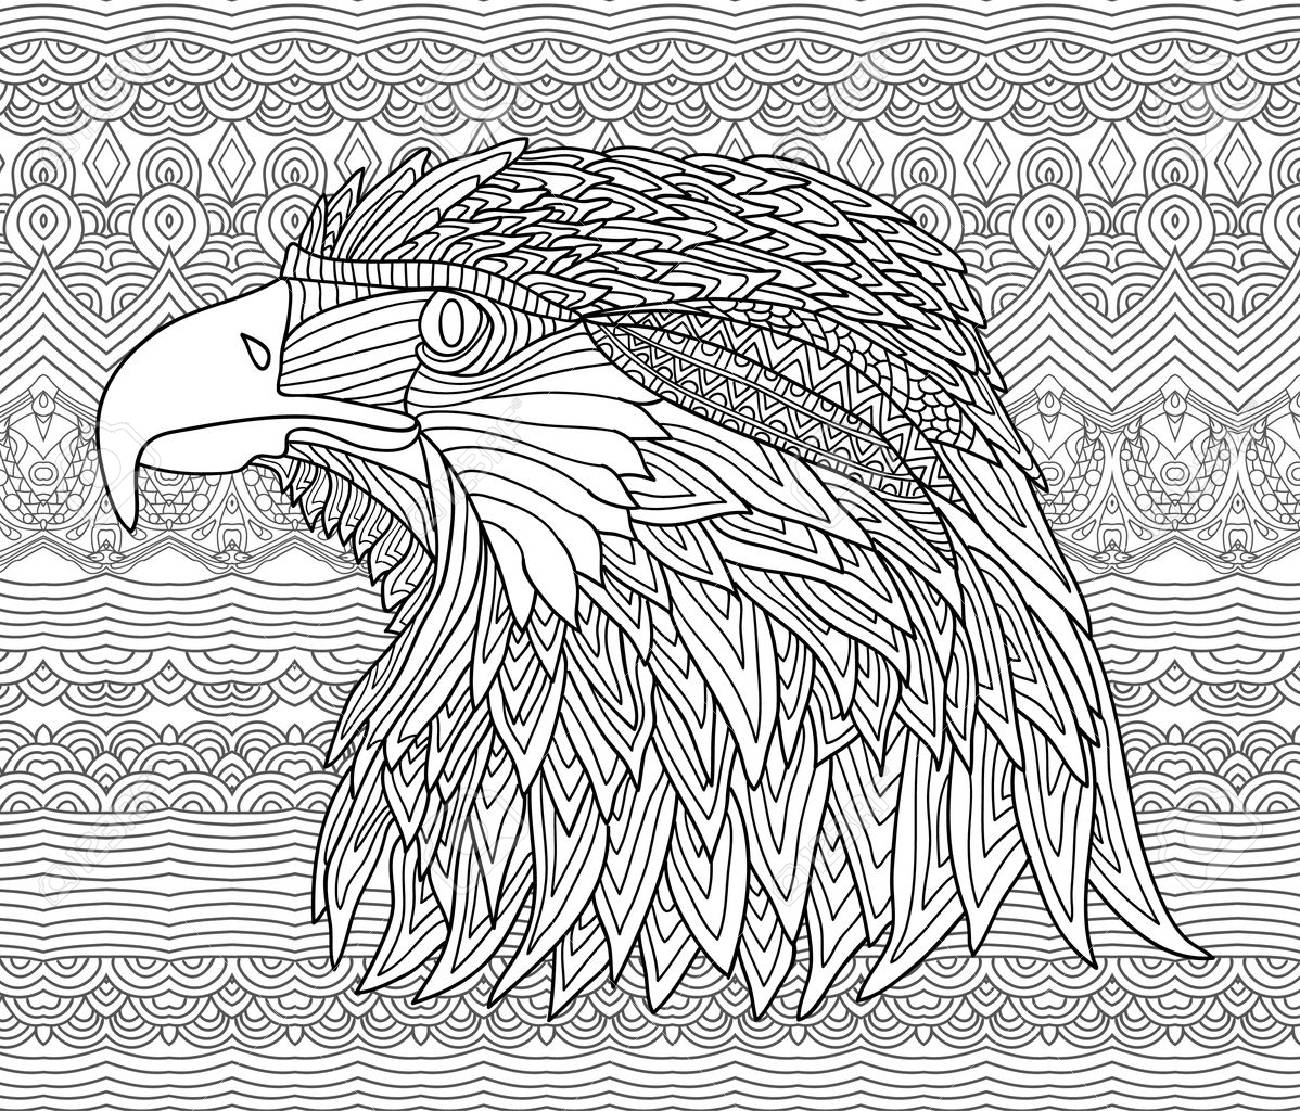 Chiffre Tire Par La Main D Un Aigle Avec Des Motifs Sur Les Motifs Ethniques Coloriage Page Du Livre Pour Les Adultes Vector Zendoodle Zenart Line Art Clip Art Libres De Droits